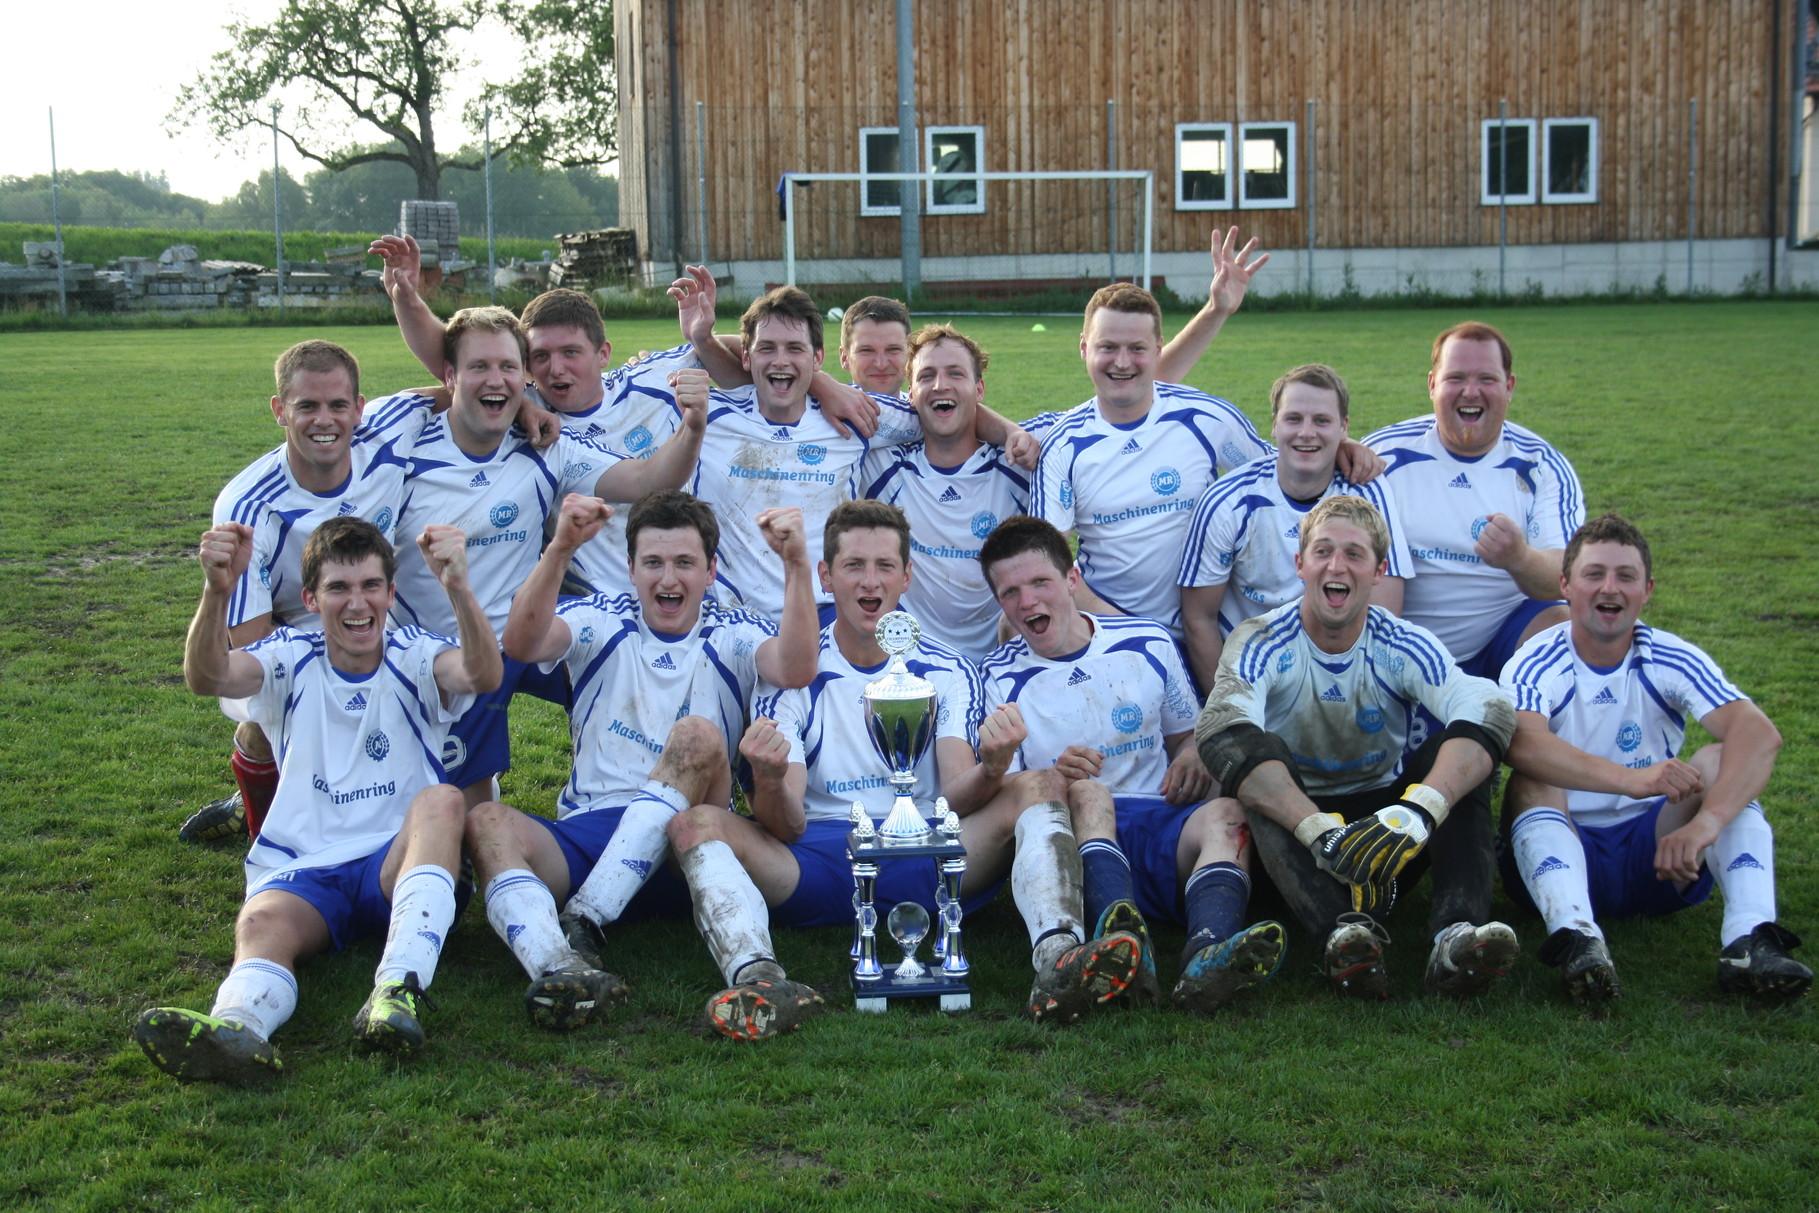 Champion 2012 - Schardenberg 08